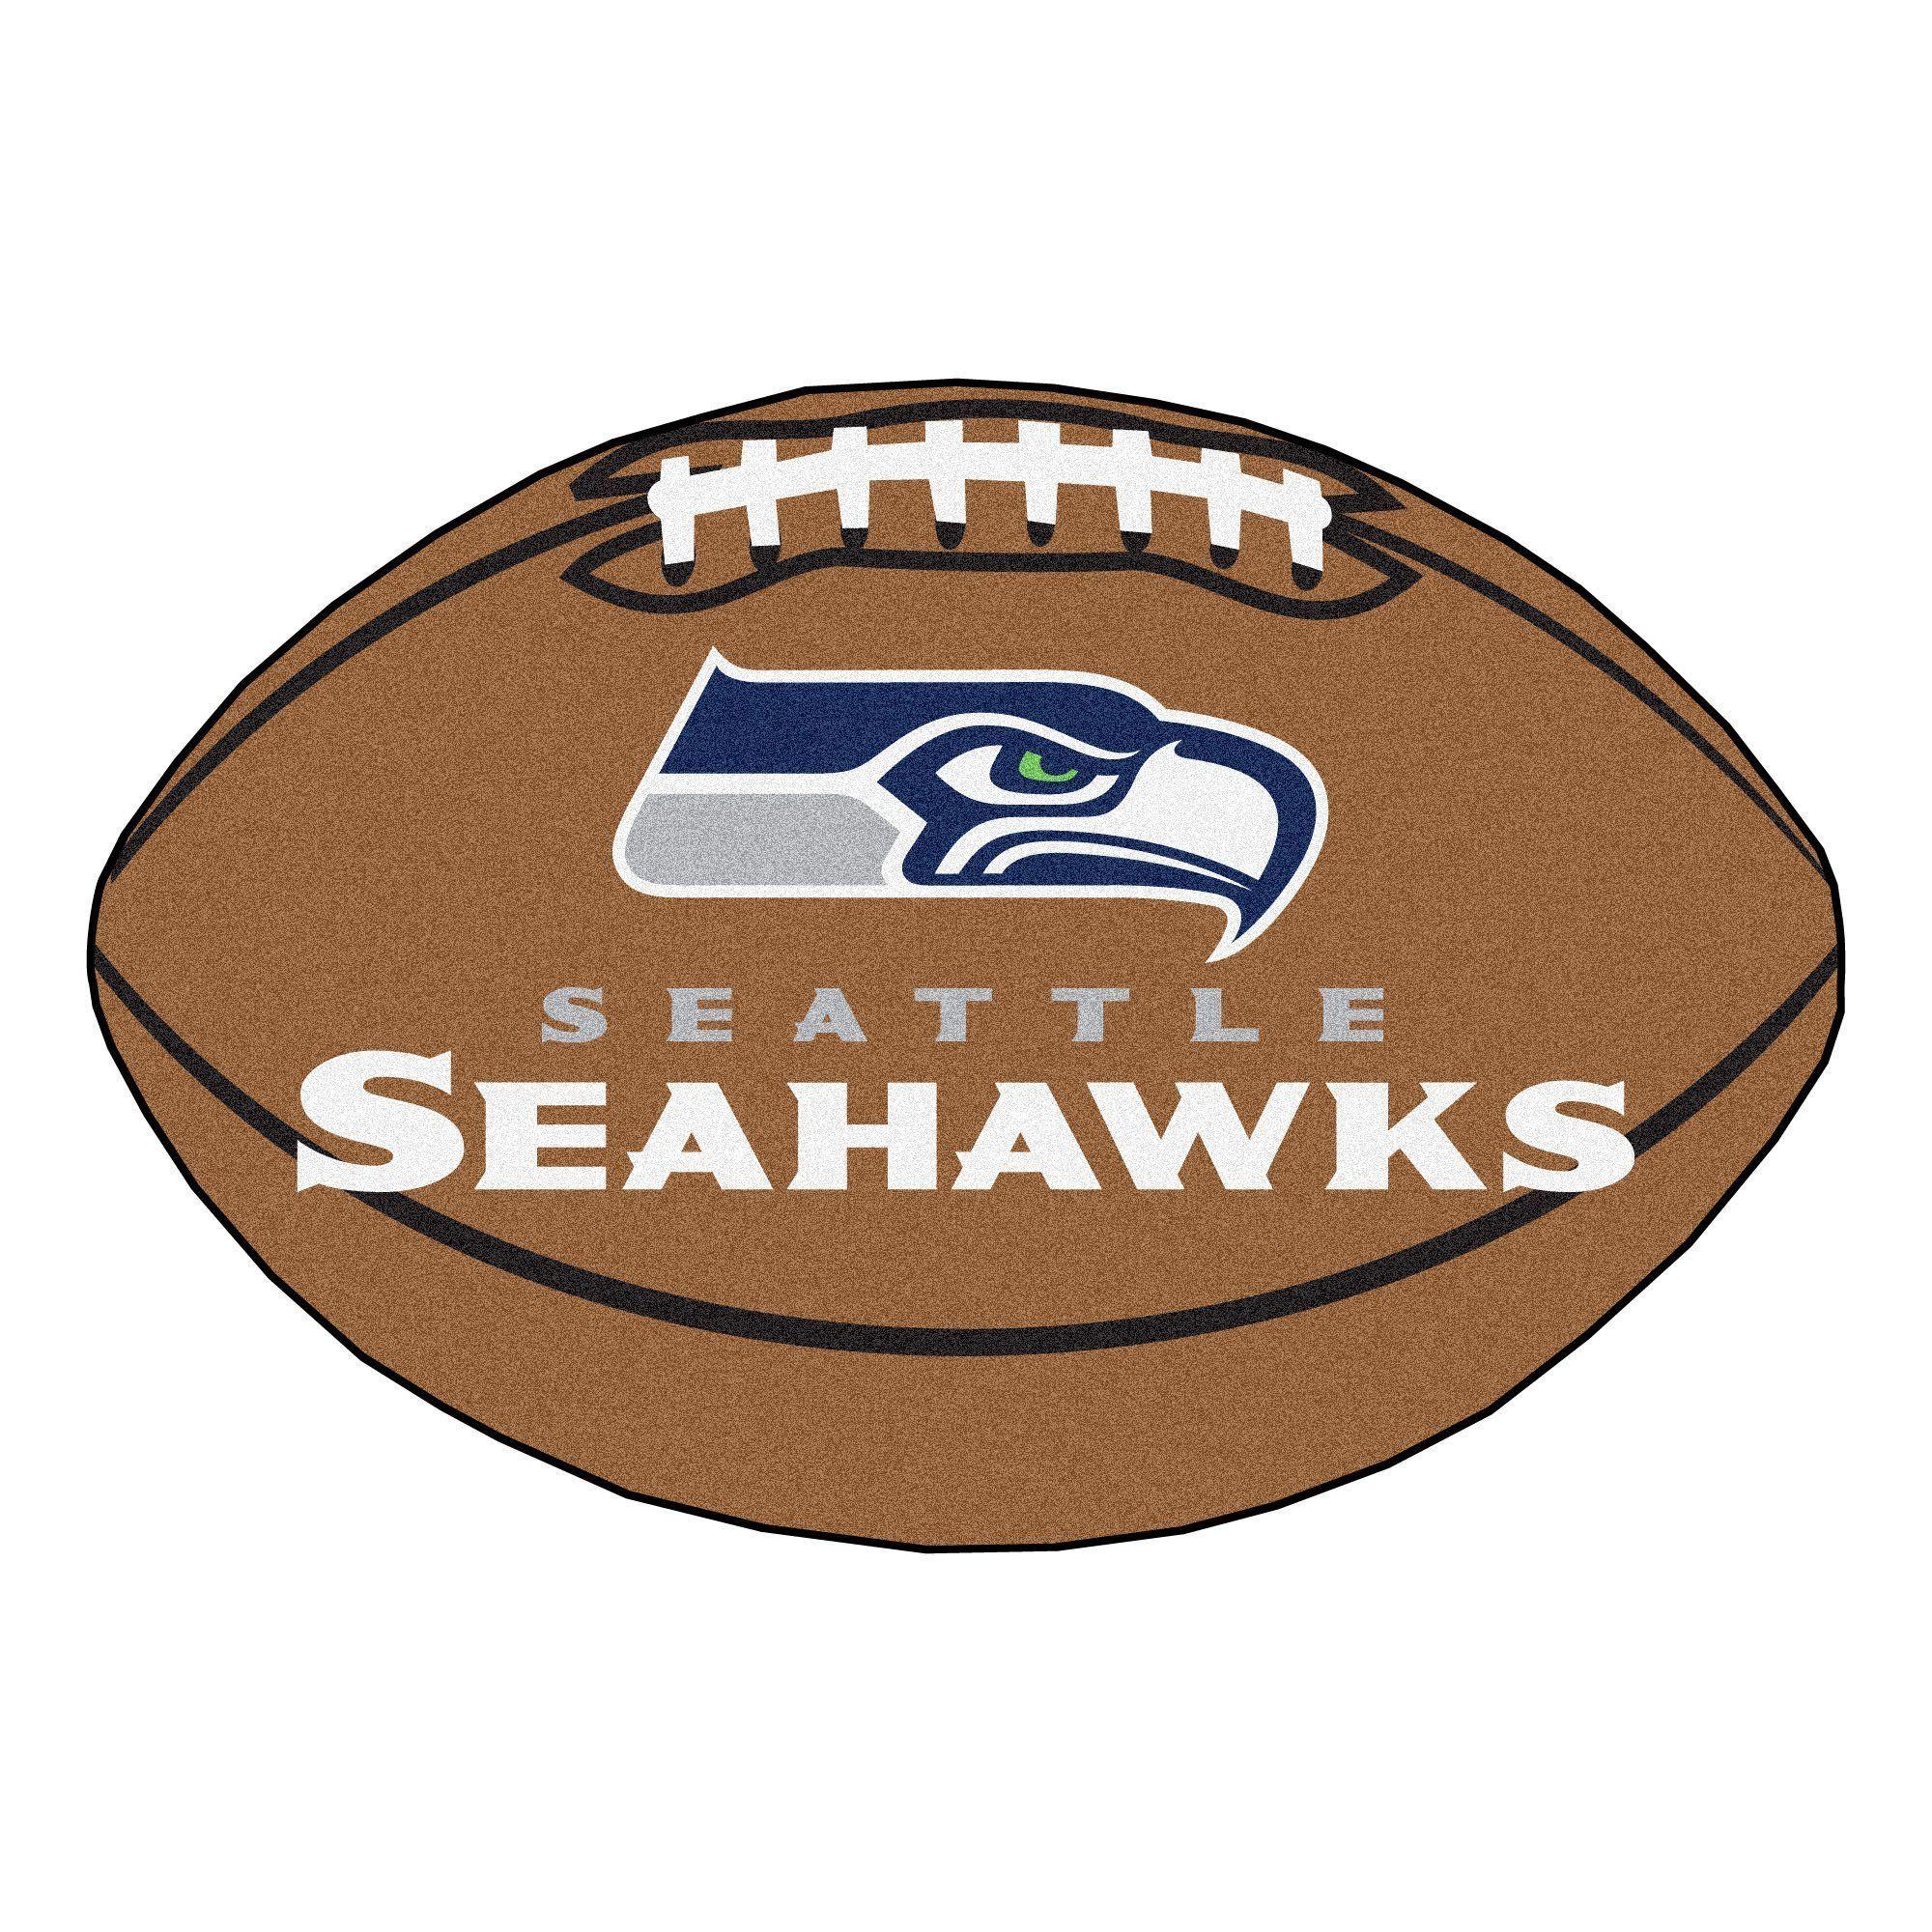 Seattle Seahawks Football Rug 20.5x32.5 Seahawks